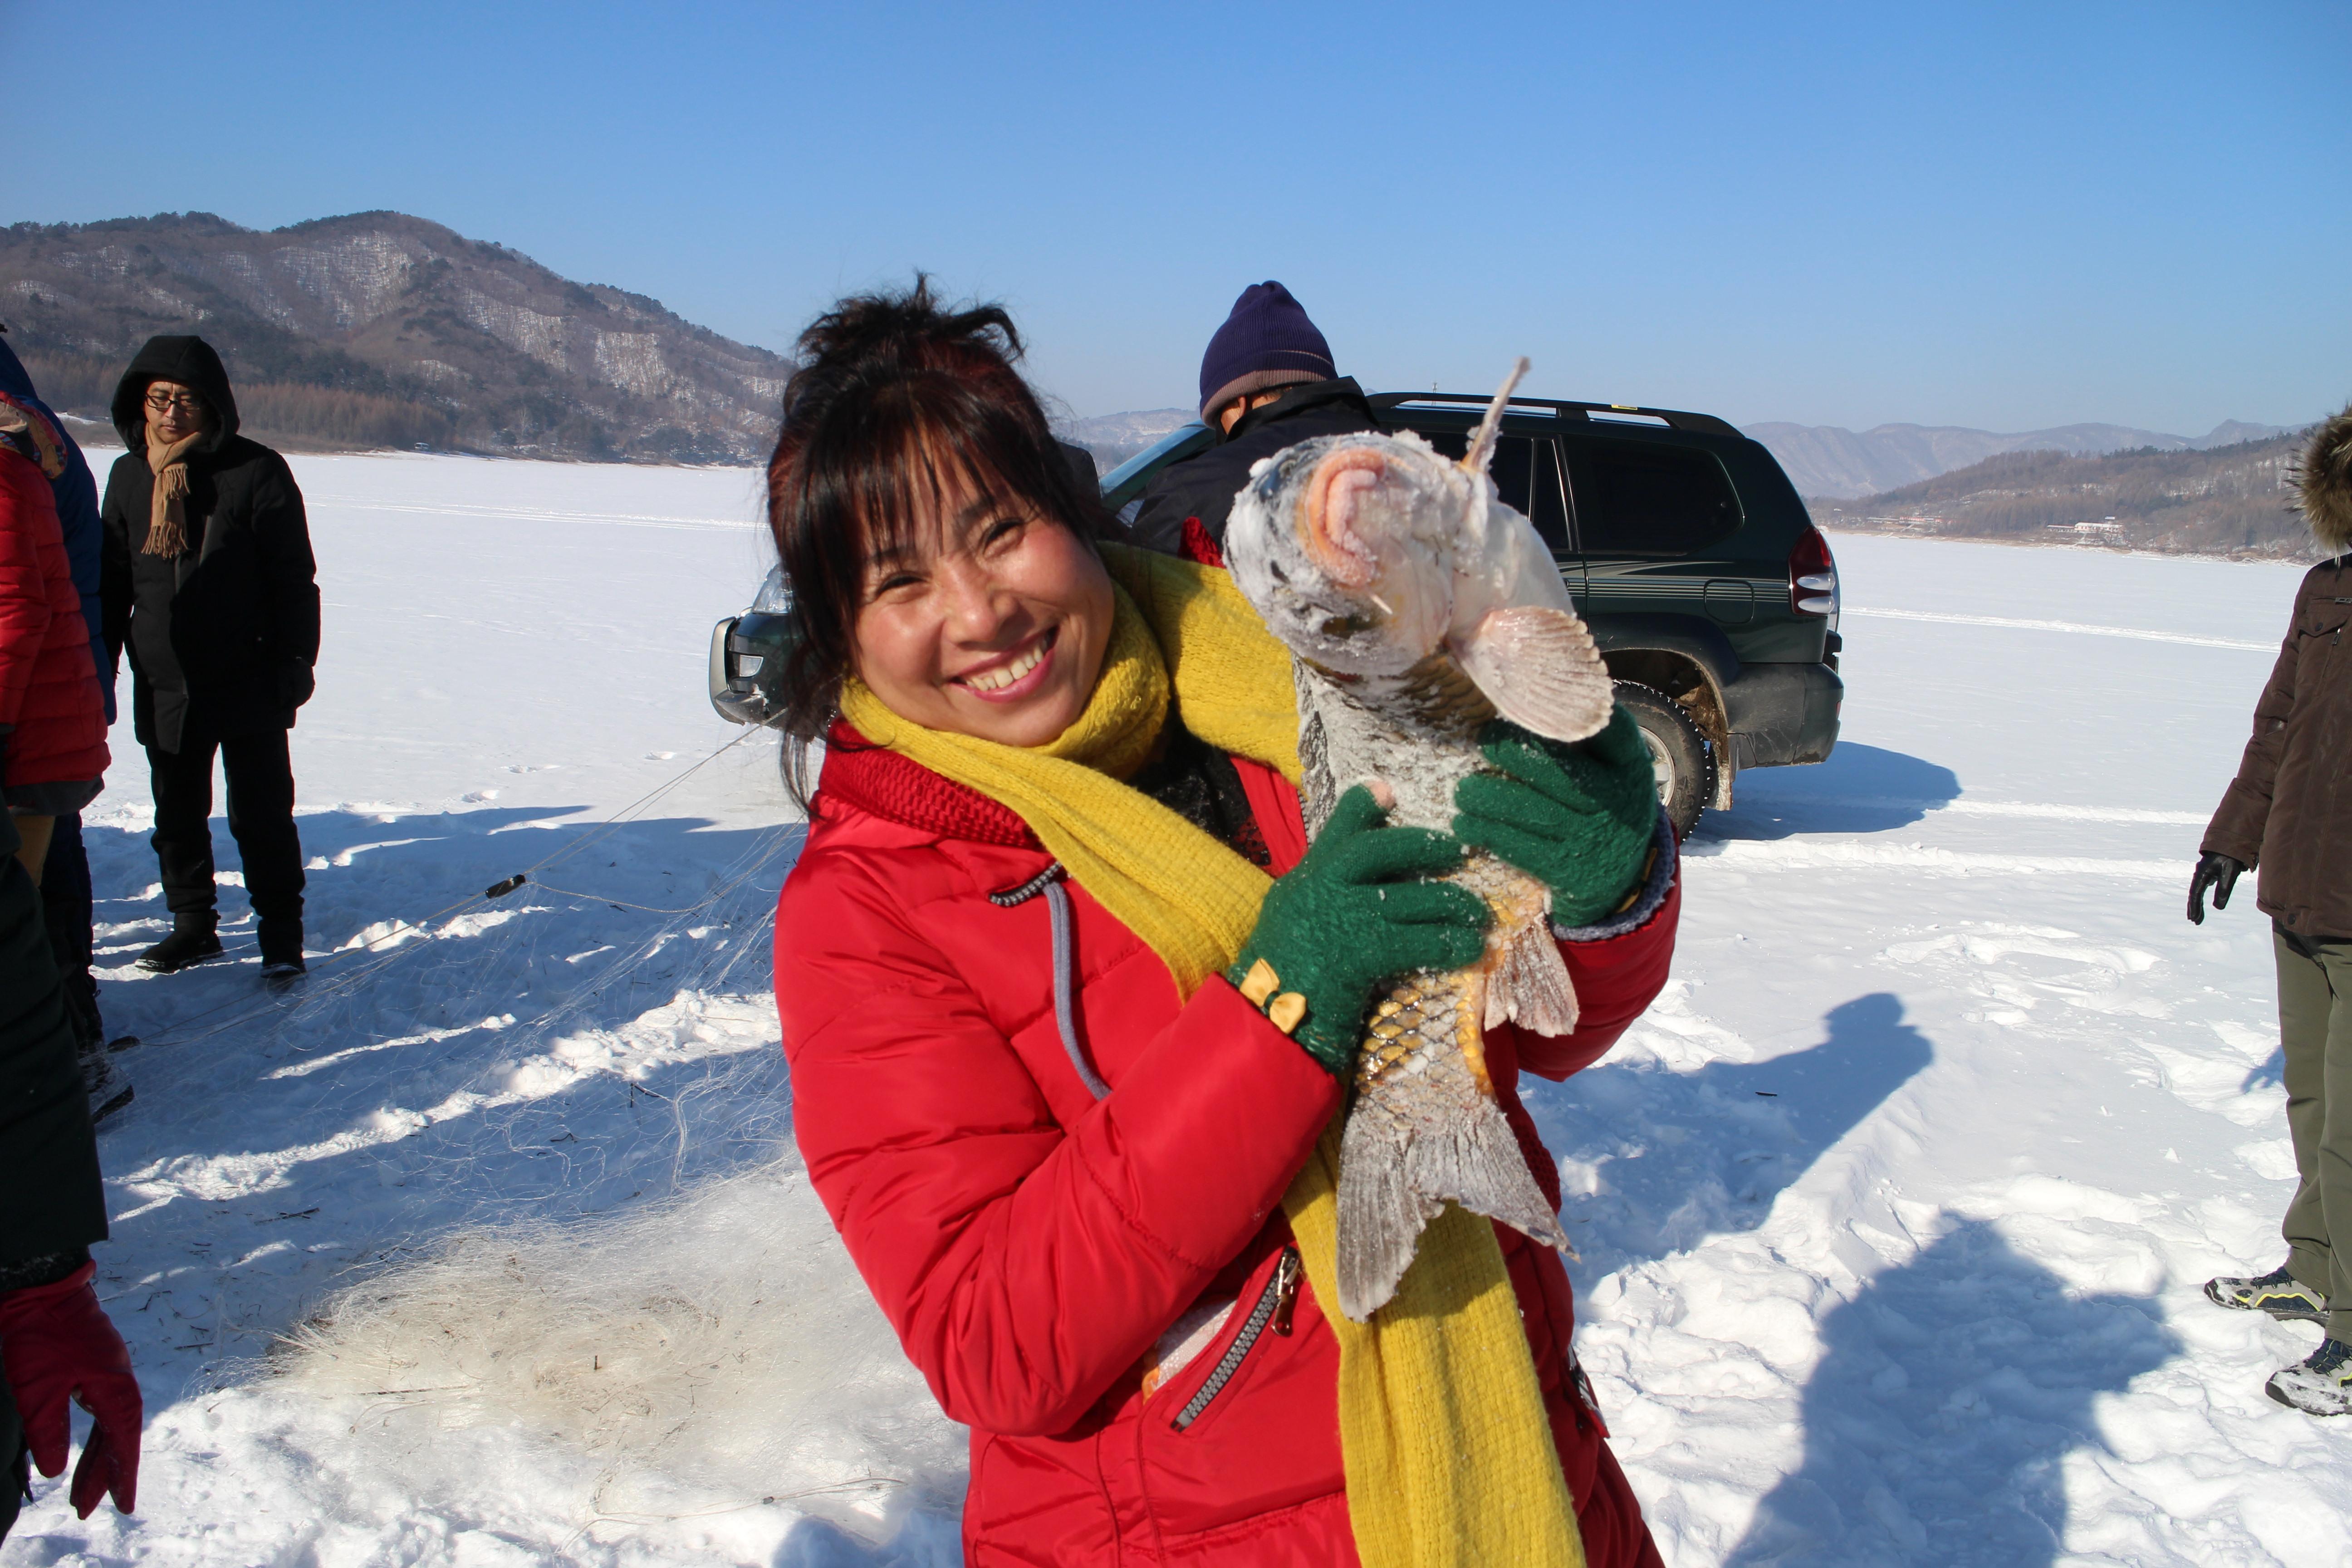 燕子户外17.1.7日和睦戏雪和捕鱼节活动通知